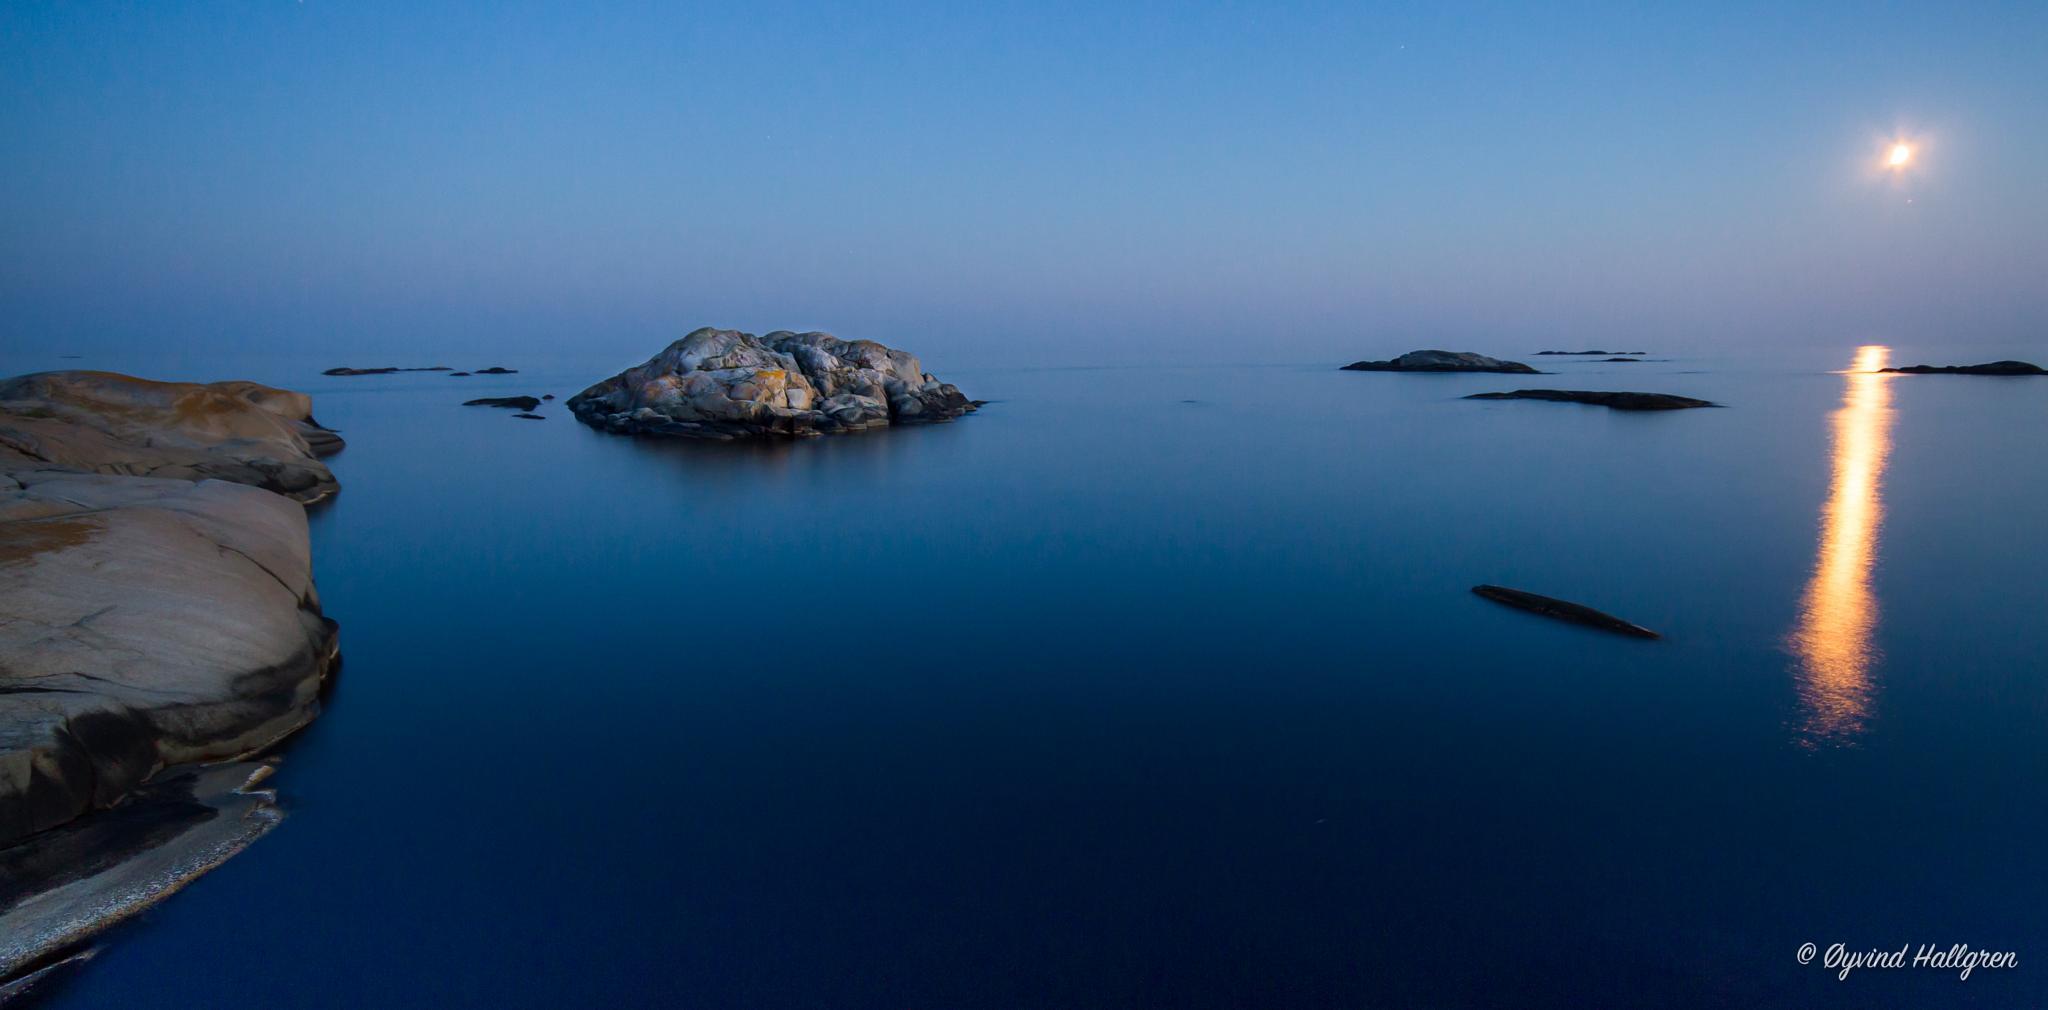 Blue night by Hallgren